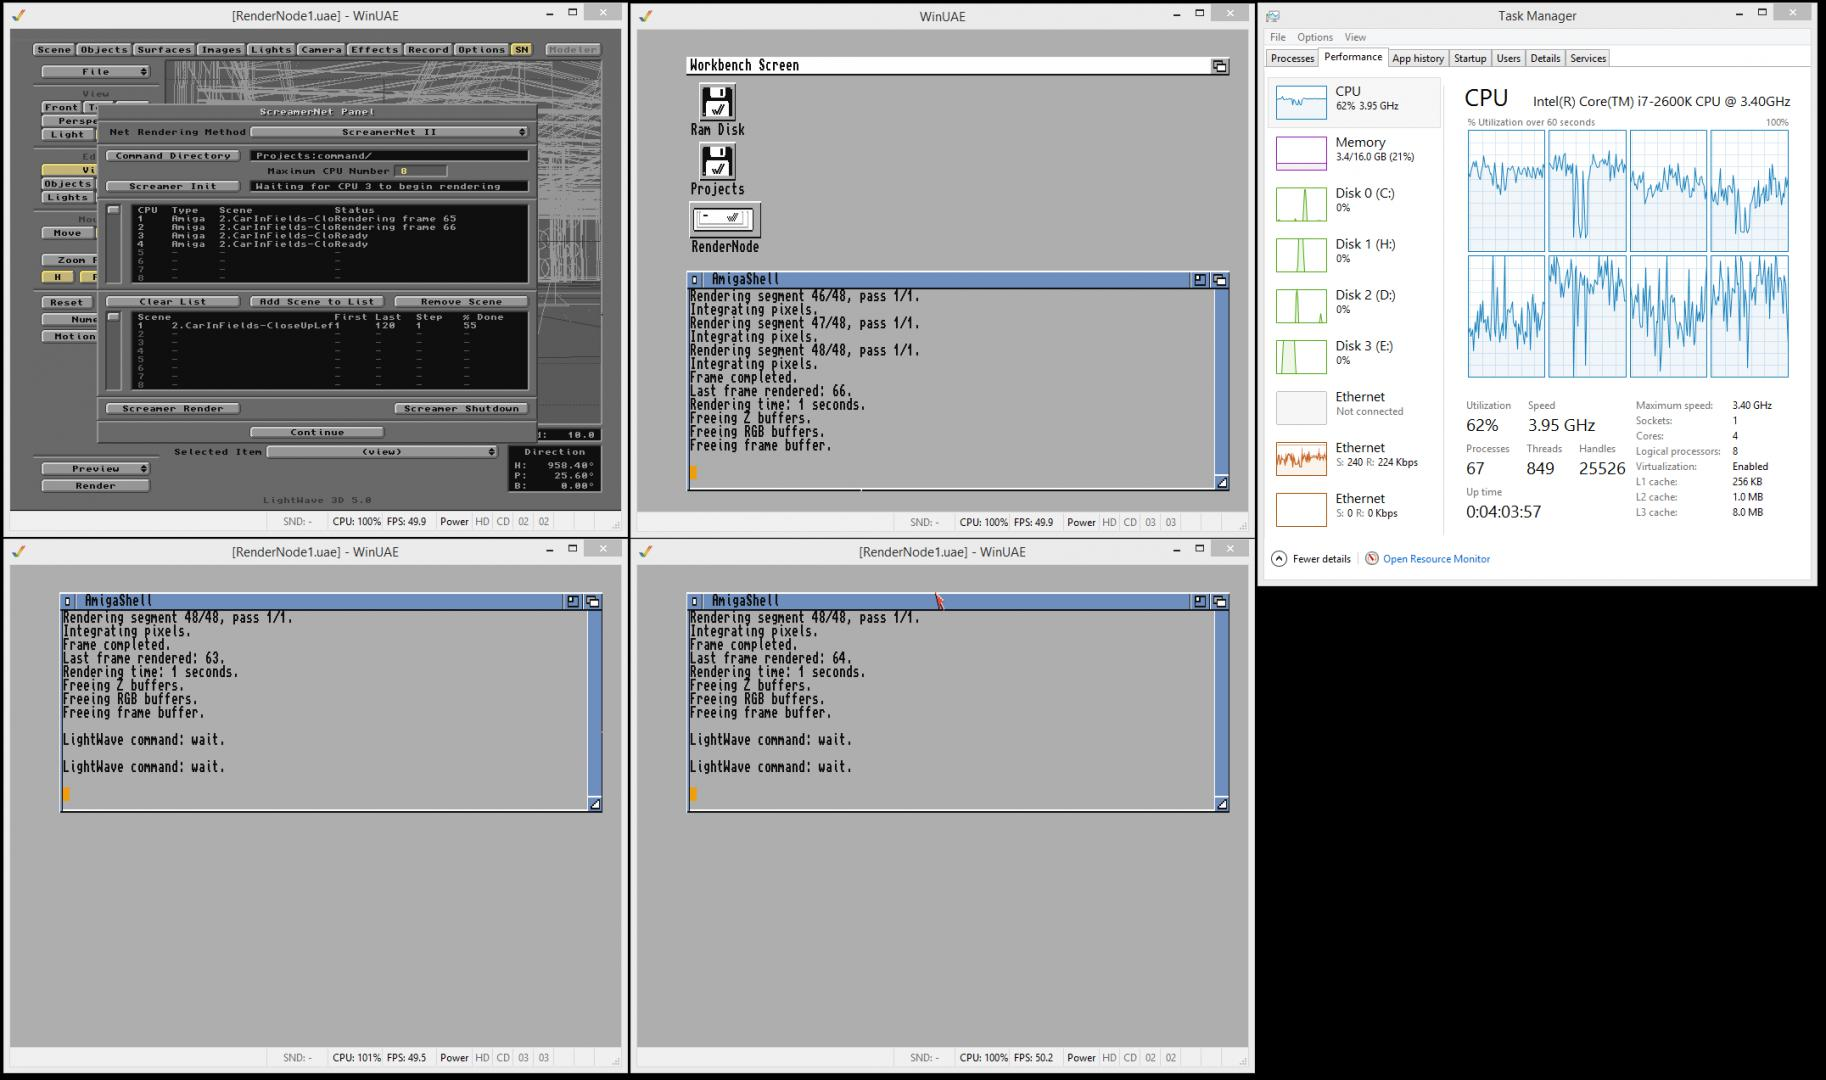 Klikněte na obrázek pro zobrazení větší verze  Název: 2014-12-15 01_22_11-Program Manager.jpg Zobrazeno: 61 Velikost: 205,5 KB ID: 10060